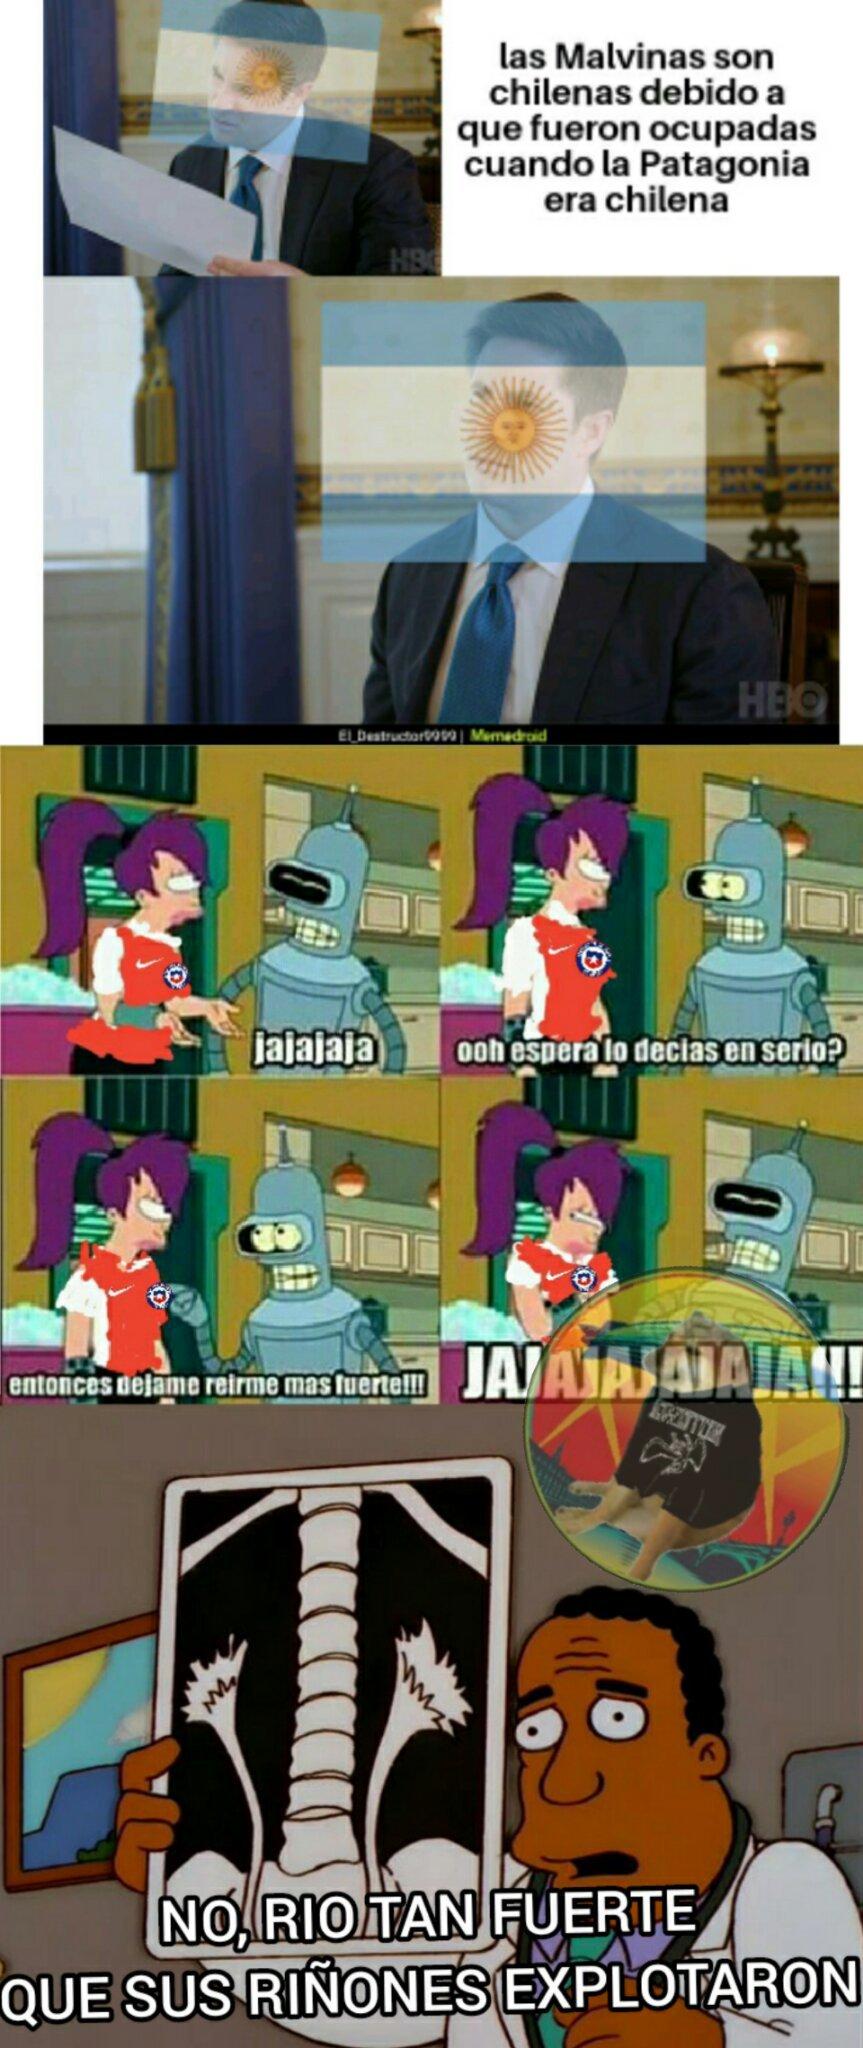 Chileno deja de mentir - meme